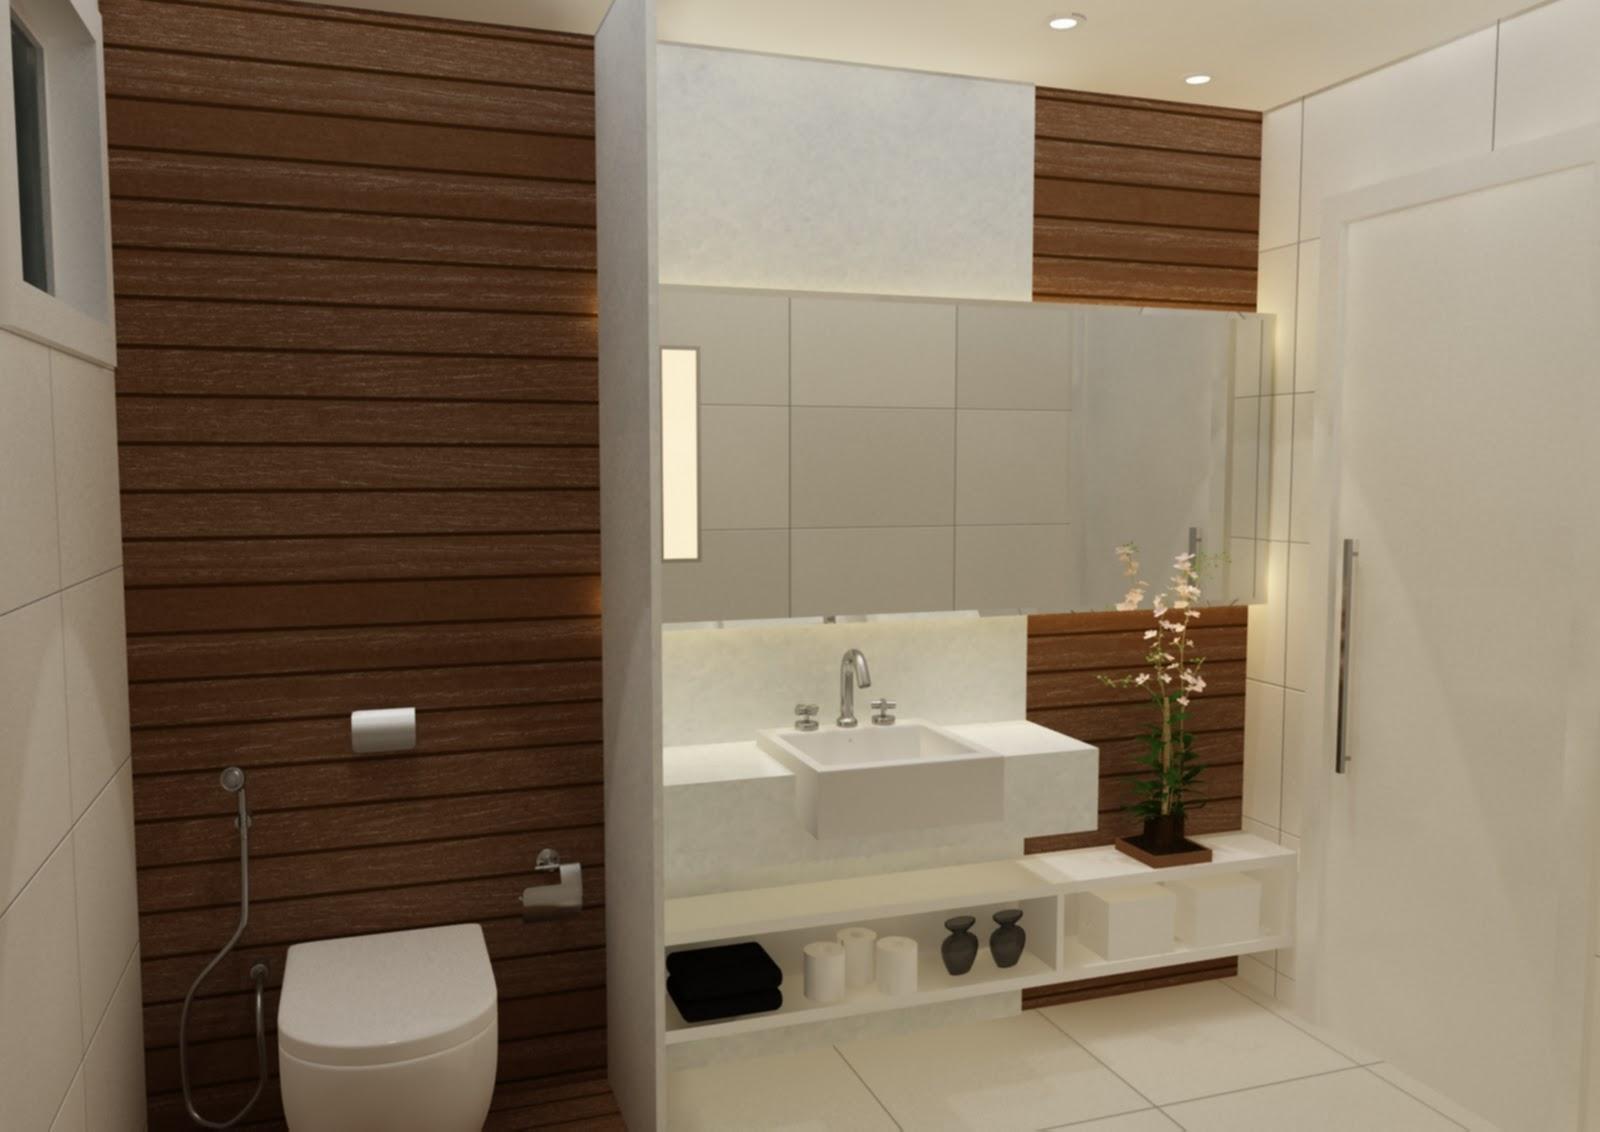 Projeto Copacabana Barros Niquet Arquitetura #3D2616 1600 1132